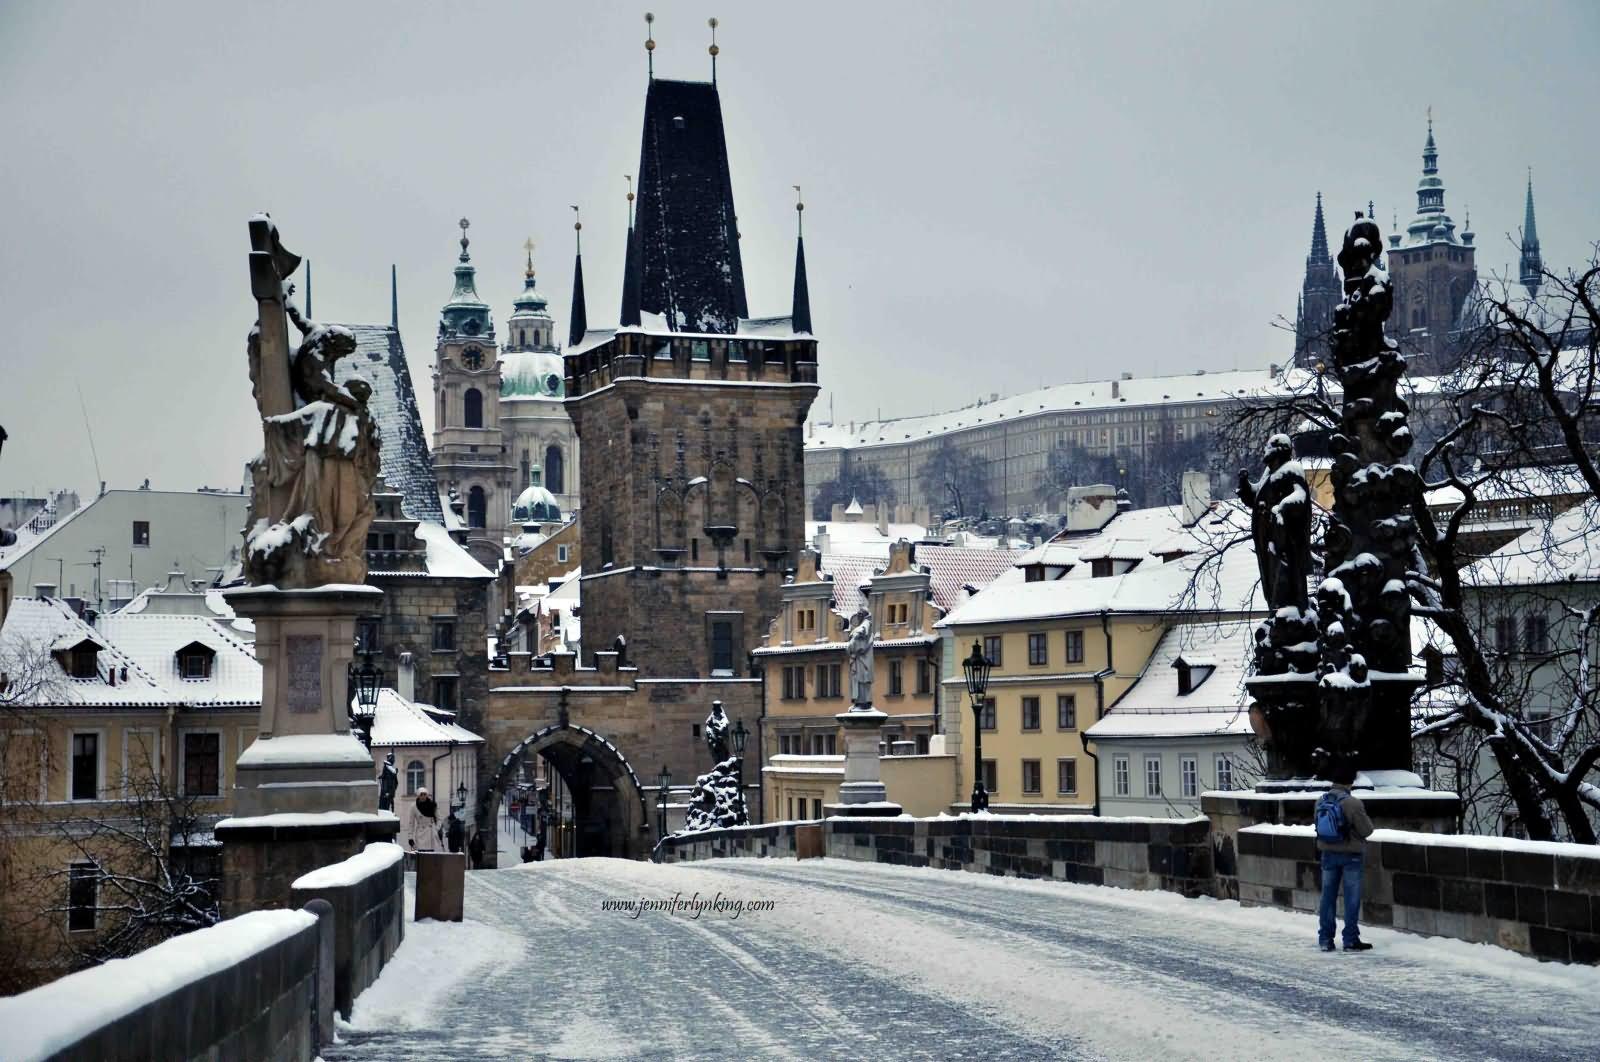 фото туристов прага зимой отмечают историки, битва